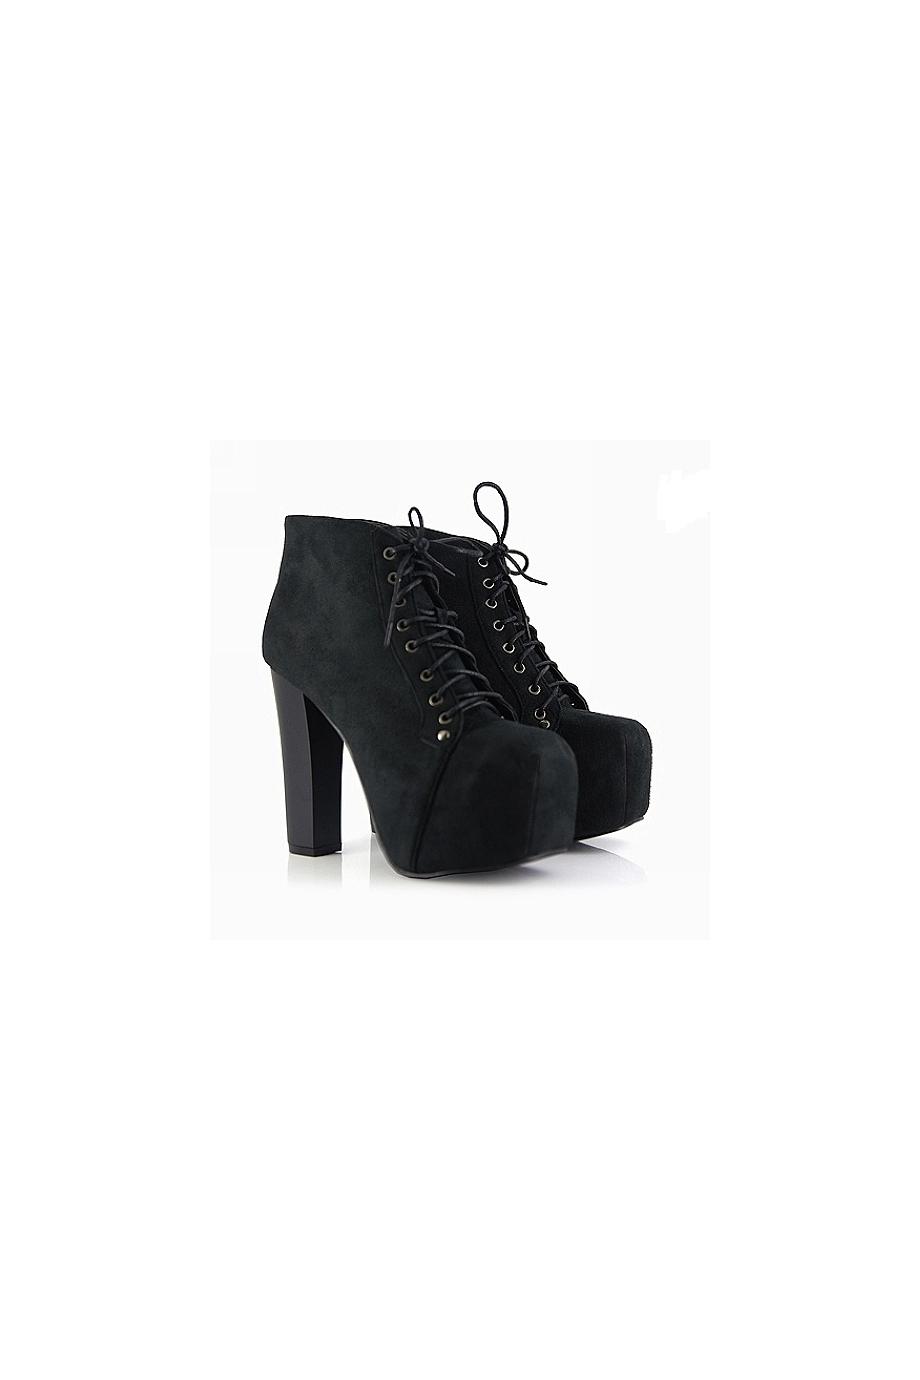 Lita Shoes Buy Online